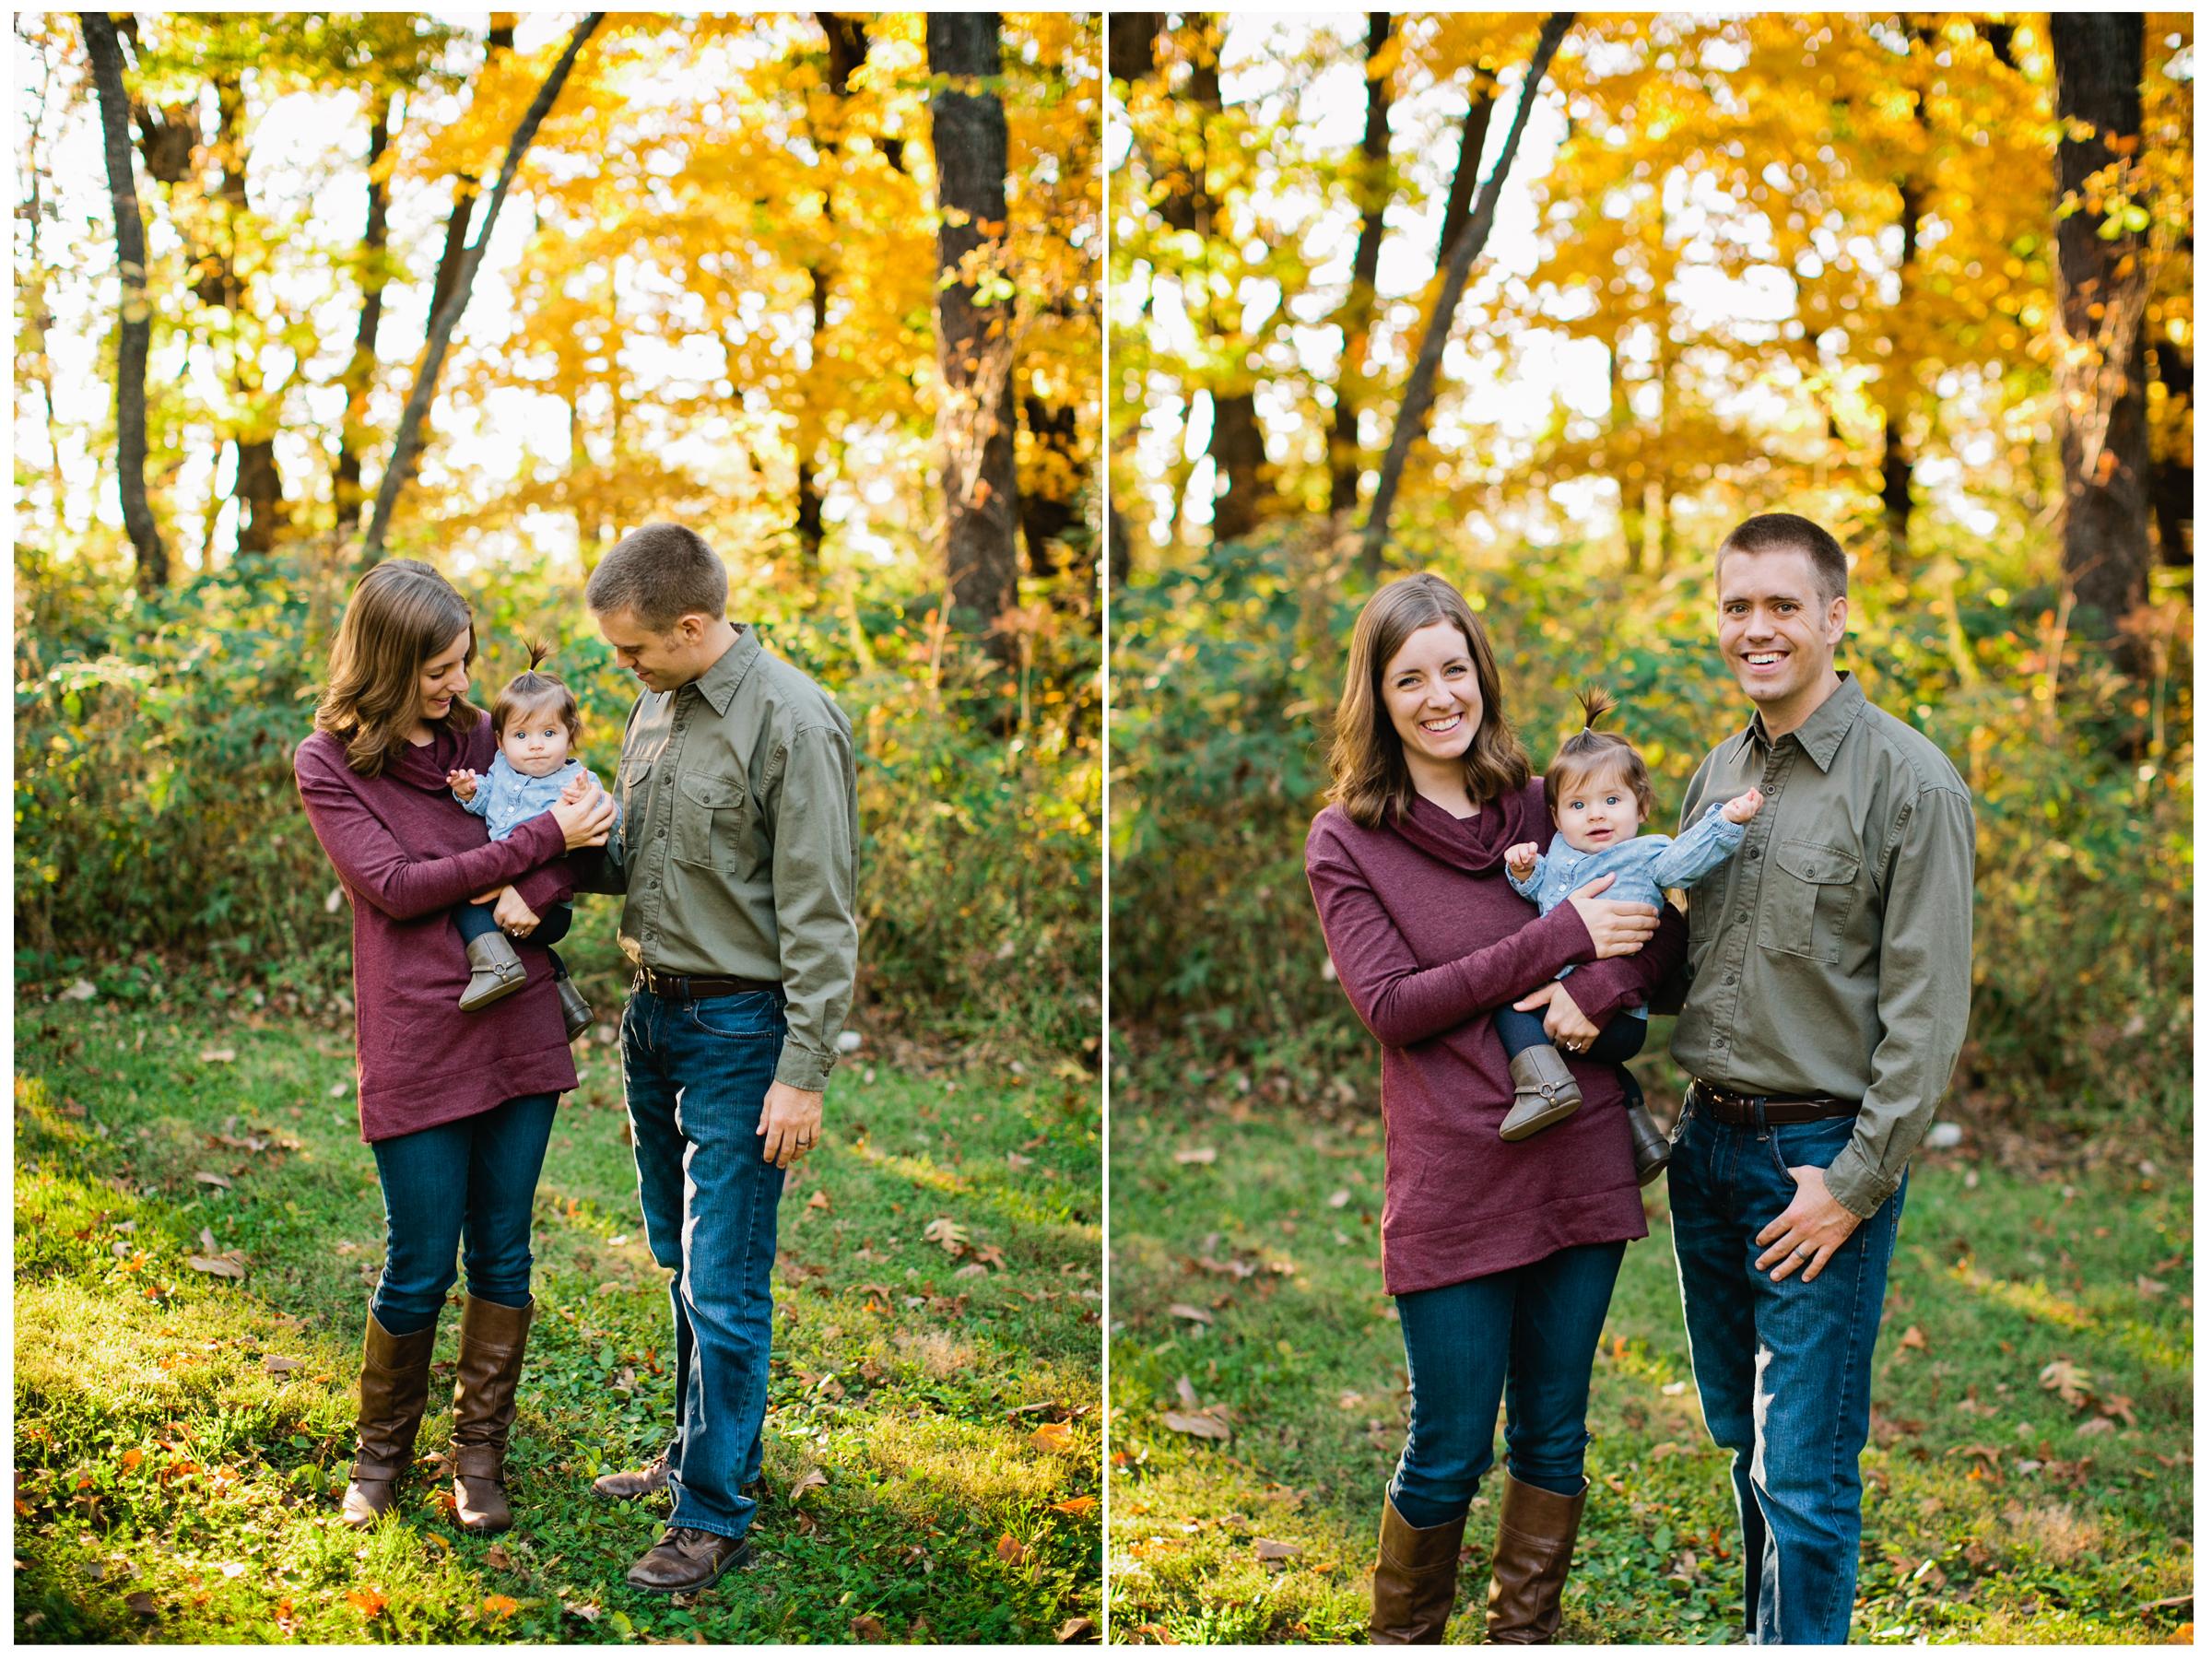 ankeny_family_photographer02.jpg